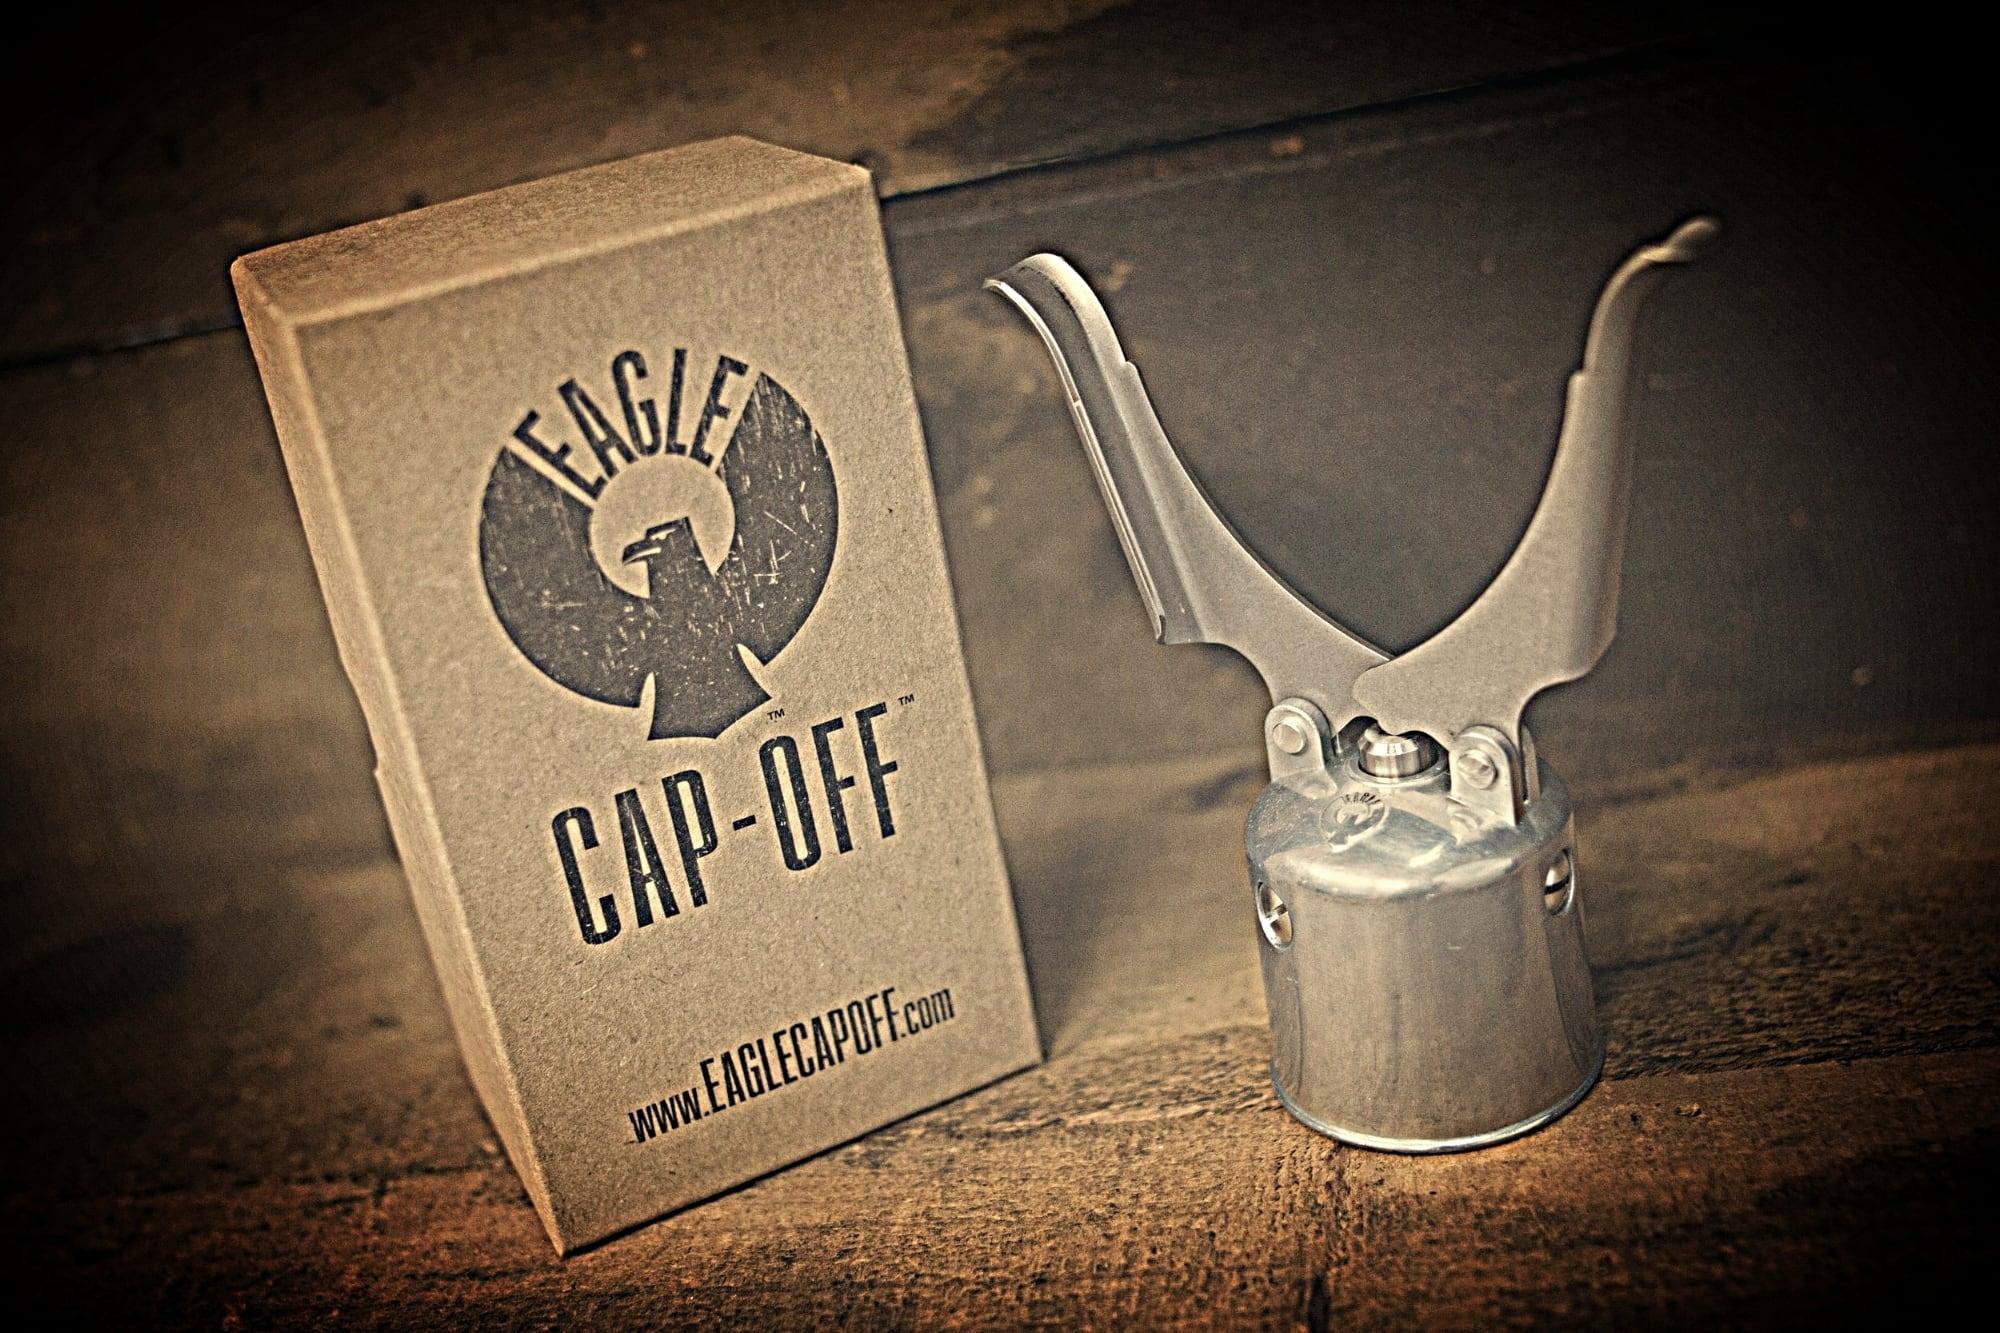 Eagle Cap-Off Handcrafted Bottle Opener